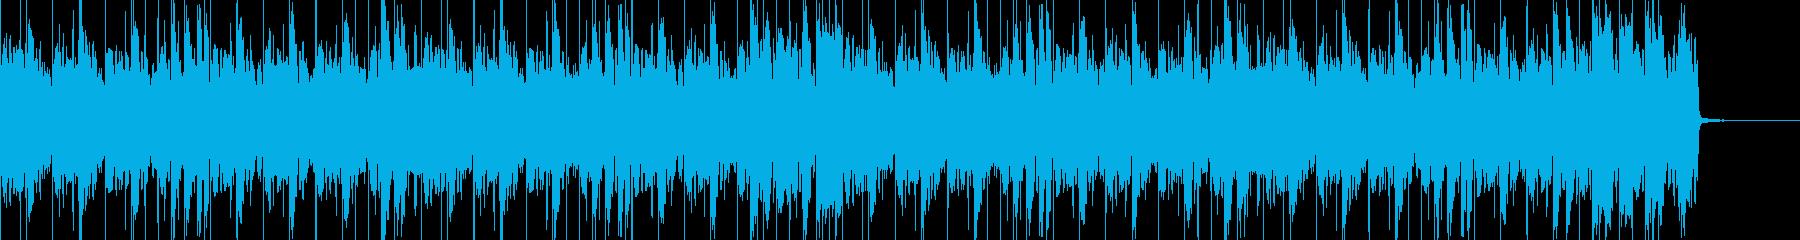 ディスコ風なジングルの再生済みの波形